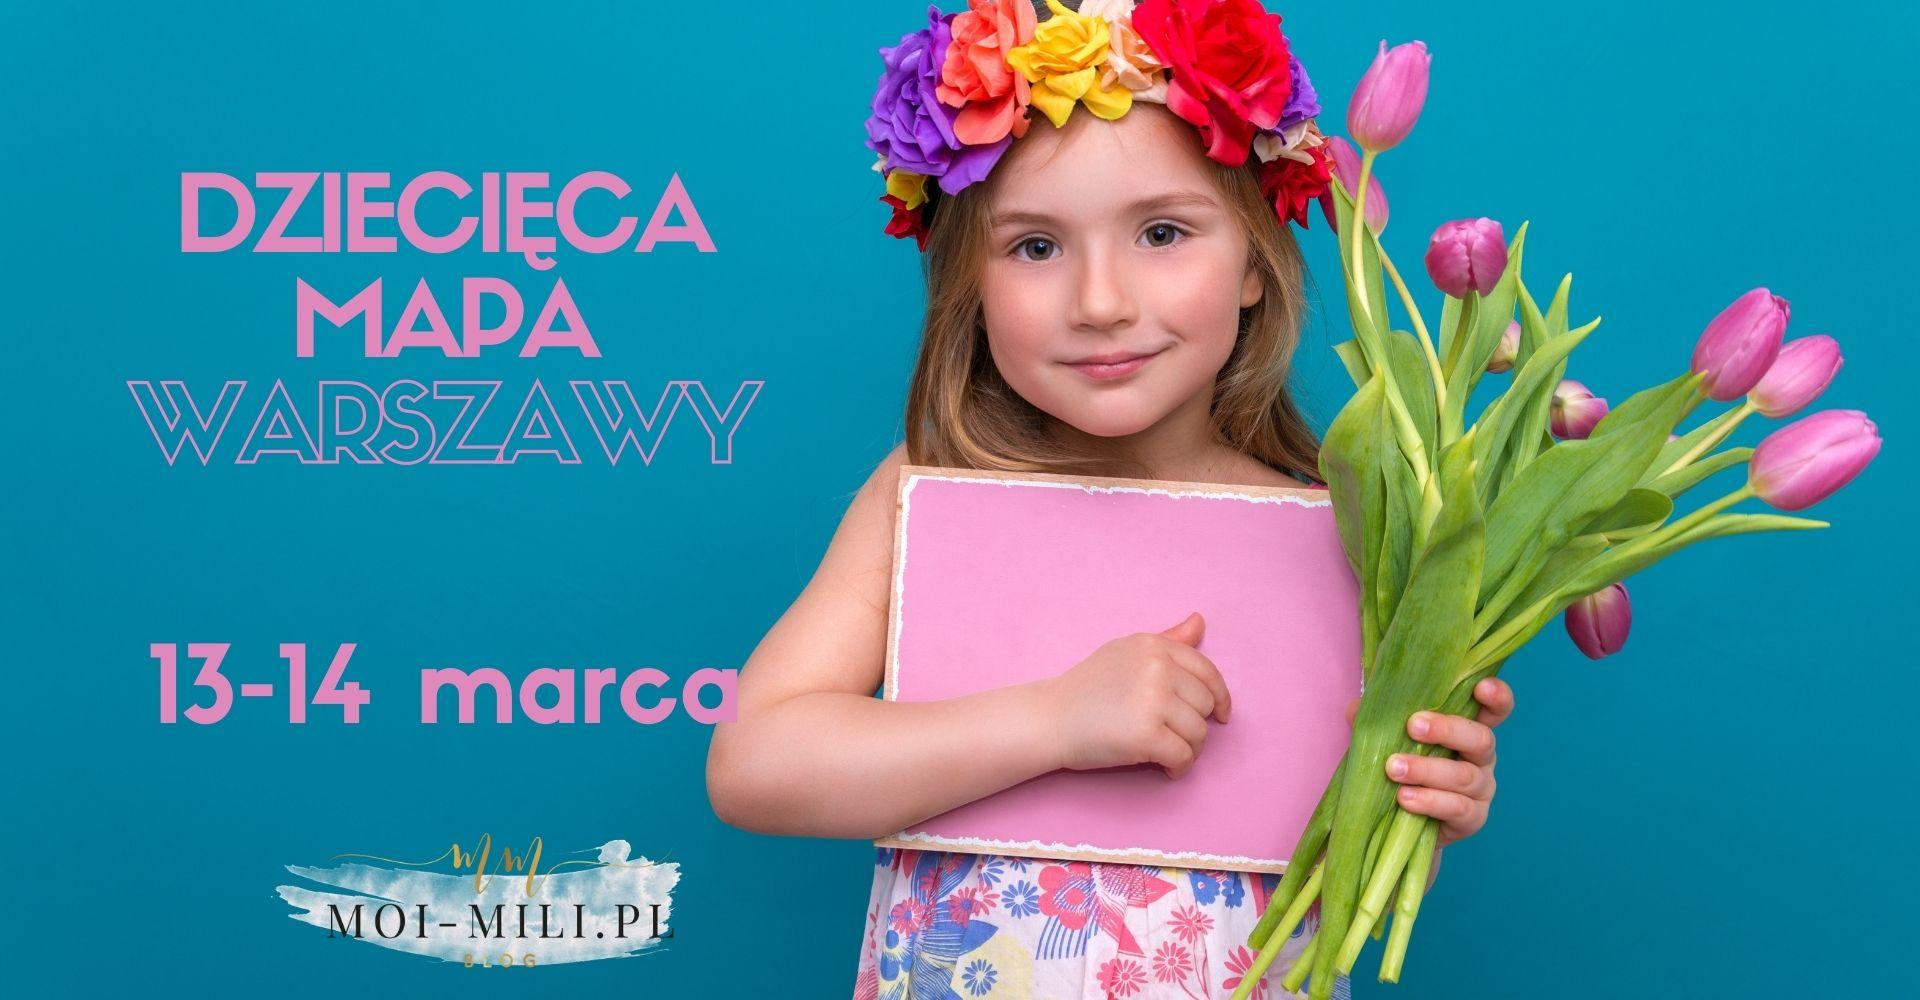 Weekendowa Zajawka, czyli co robić z dzieckiem w Warszawie 13-14 marca